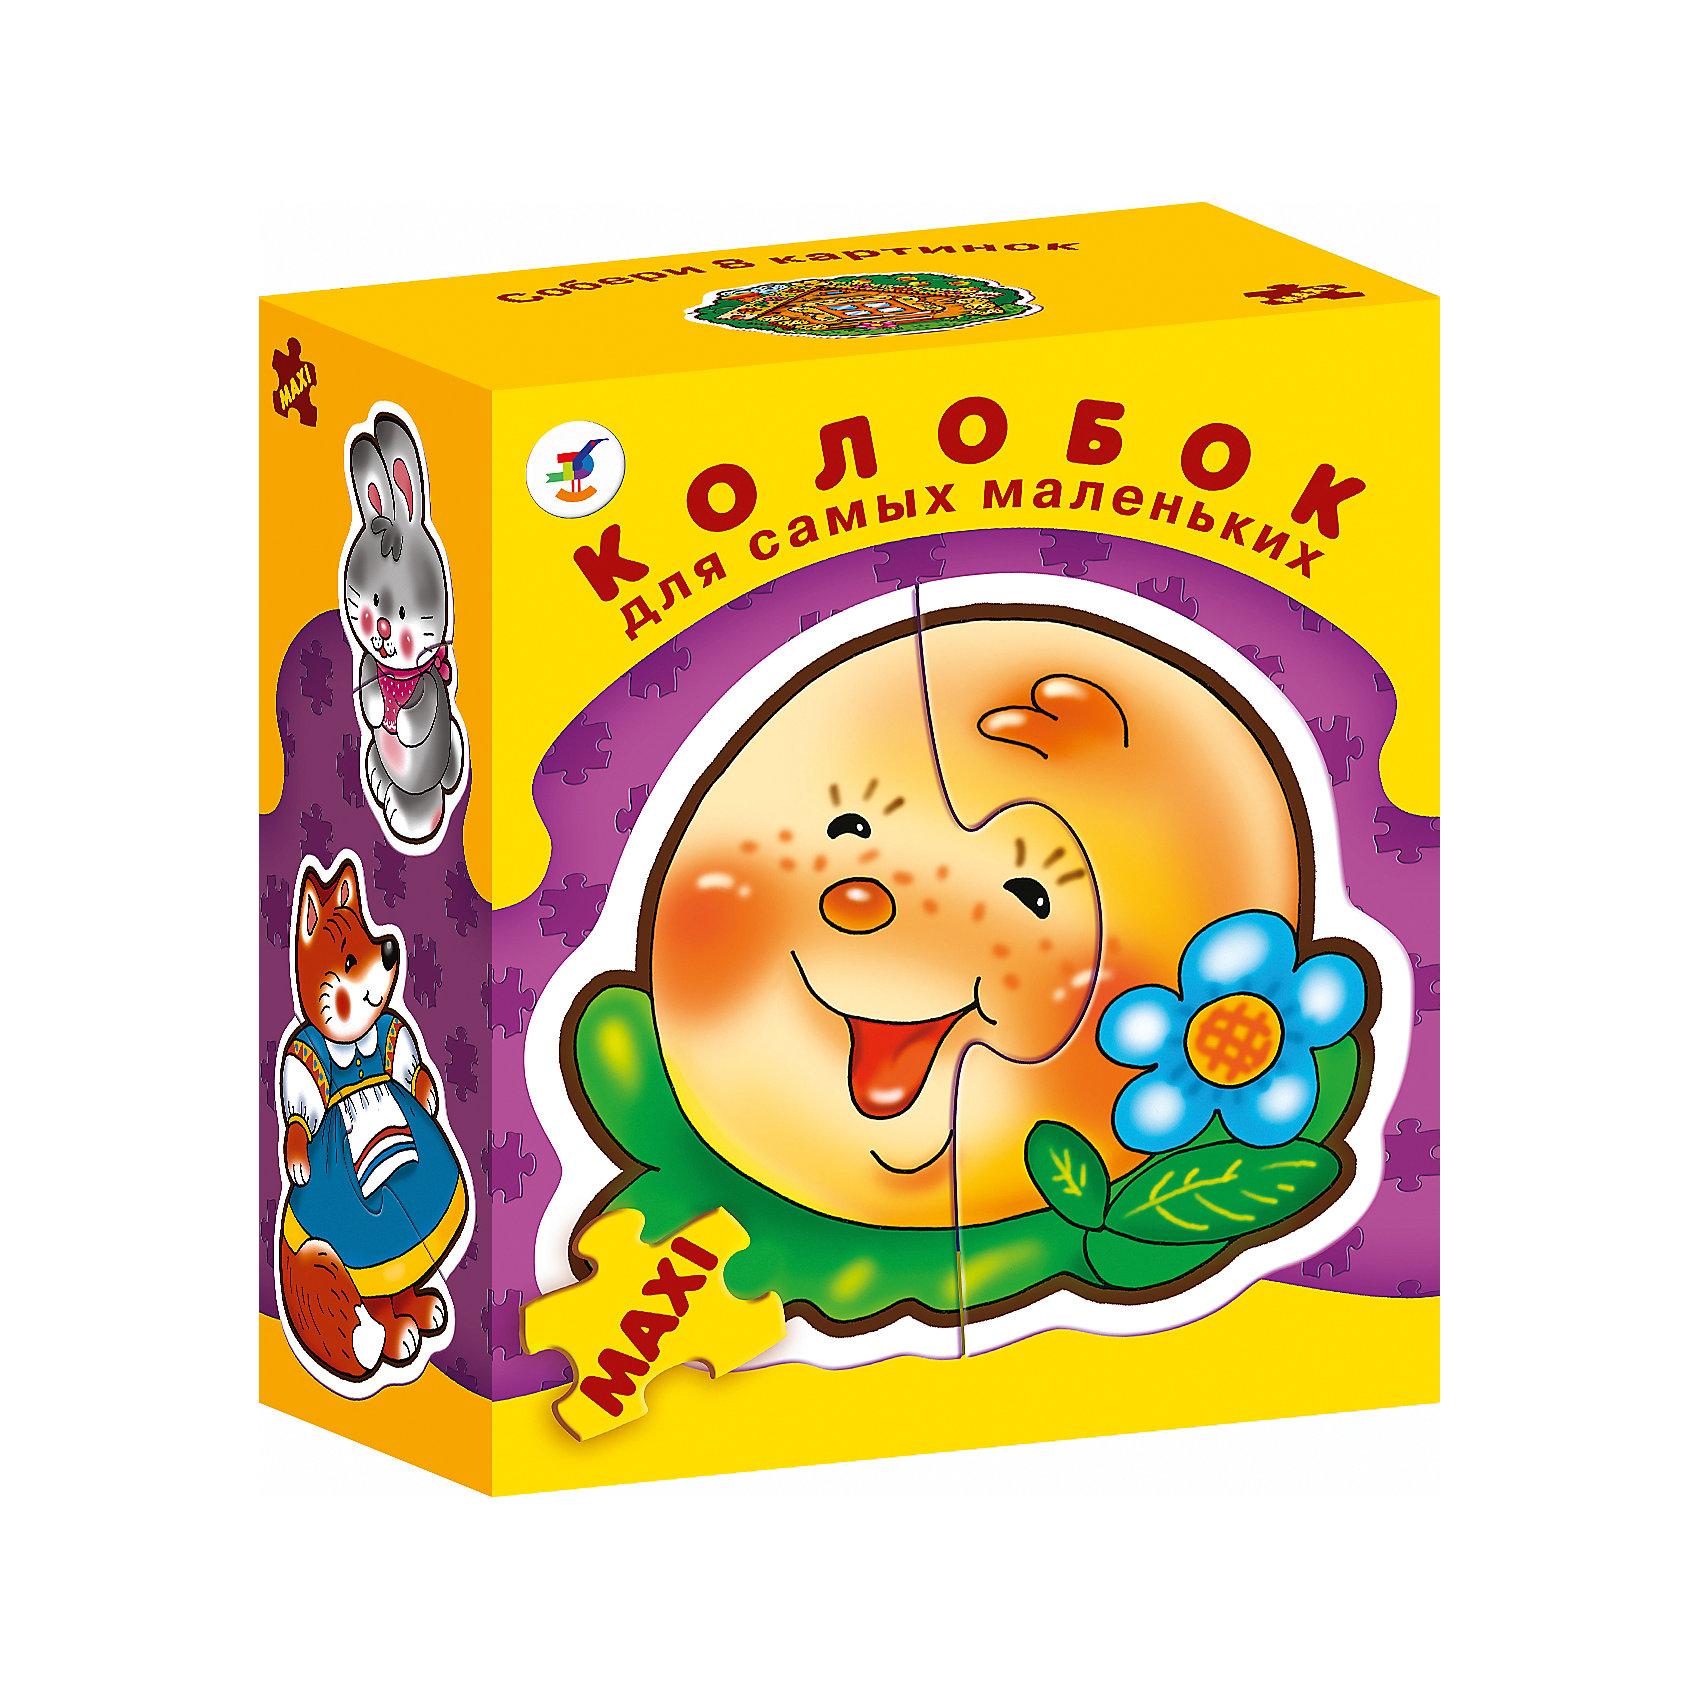 Настольная игра ДСМ. Колобок, Дрофа-МедиаНастольные игры<br>Характеристики Настольная игра ДСМ. Колобок:<br><br>- возраст от: 3 лет<br>- пол : для мальчика и девочки<br>- размер: 15,5 * 18 * 8,5<br>- бренд: Дрофа-Медиа<br>- страна бренда: Россия<br><br>Настольная игра прекрасно подходит для первого знакомства малыша с мозаикой, способствует формированию навыка соединения целого изображения из двух-трёх элементов. В игре набор из восьми персонажей, состоящих из крупных деталей, которые соединяются с помощью пазлового замка. Игры этой серии помогают в развитии зрительного восприятия, мелкой моторики и координации движений рук, наглядно-образного мышления, памяти и внимания.<br><br>Настольная игра ДСМ. Колобок издательства Дрофа-Медиа можно купить в нашем интернет-магазине.<br><br>Ширина мм: 155<br>Глубина мм: 85<br>Высота мм: 180<br>Вес г: 180<br>Возраст от месяцев: 36<br>Возраст до месяцев: 2147483647<br>Пол: Унисекс<br>Возраст: Детский<br>SKU: 5386277